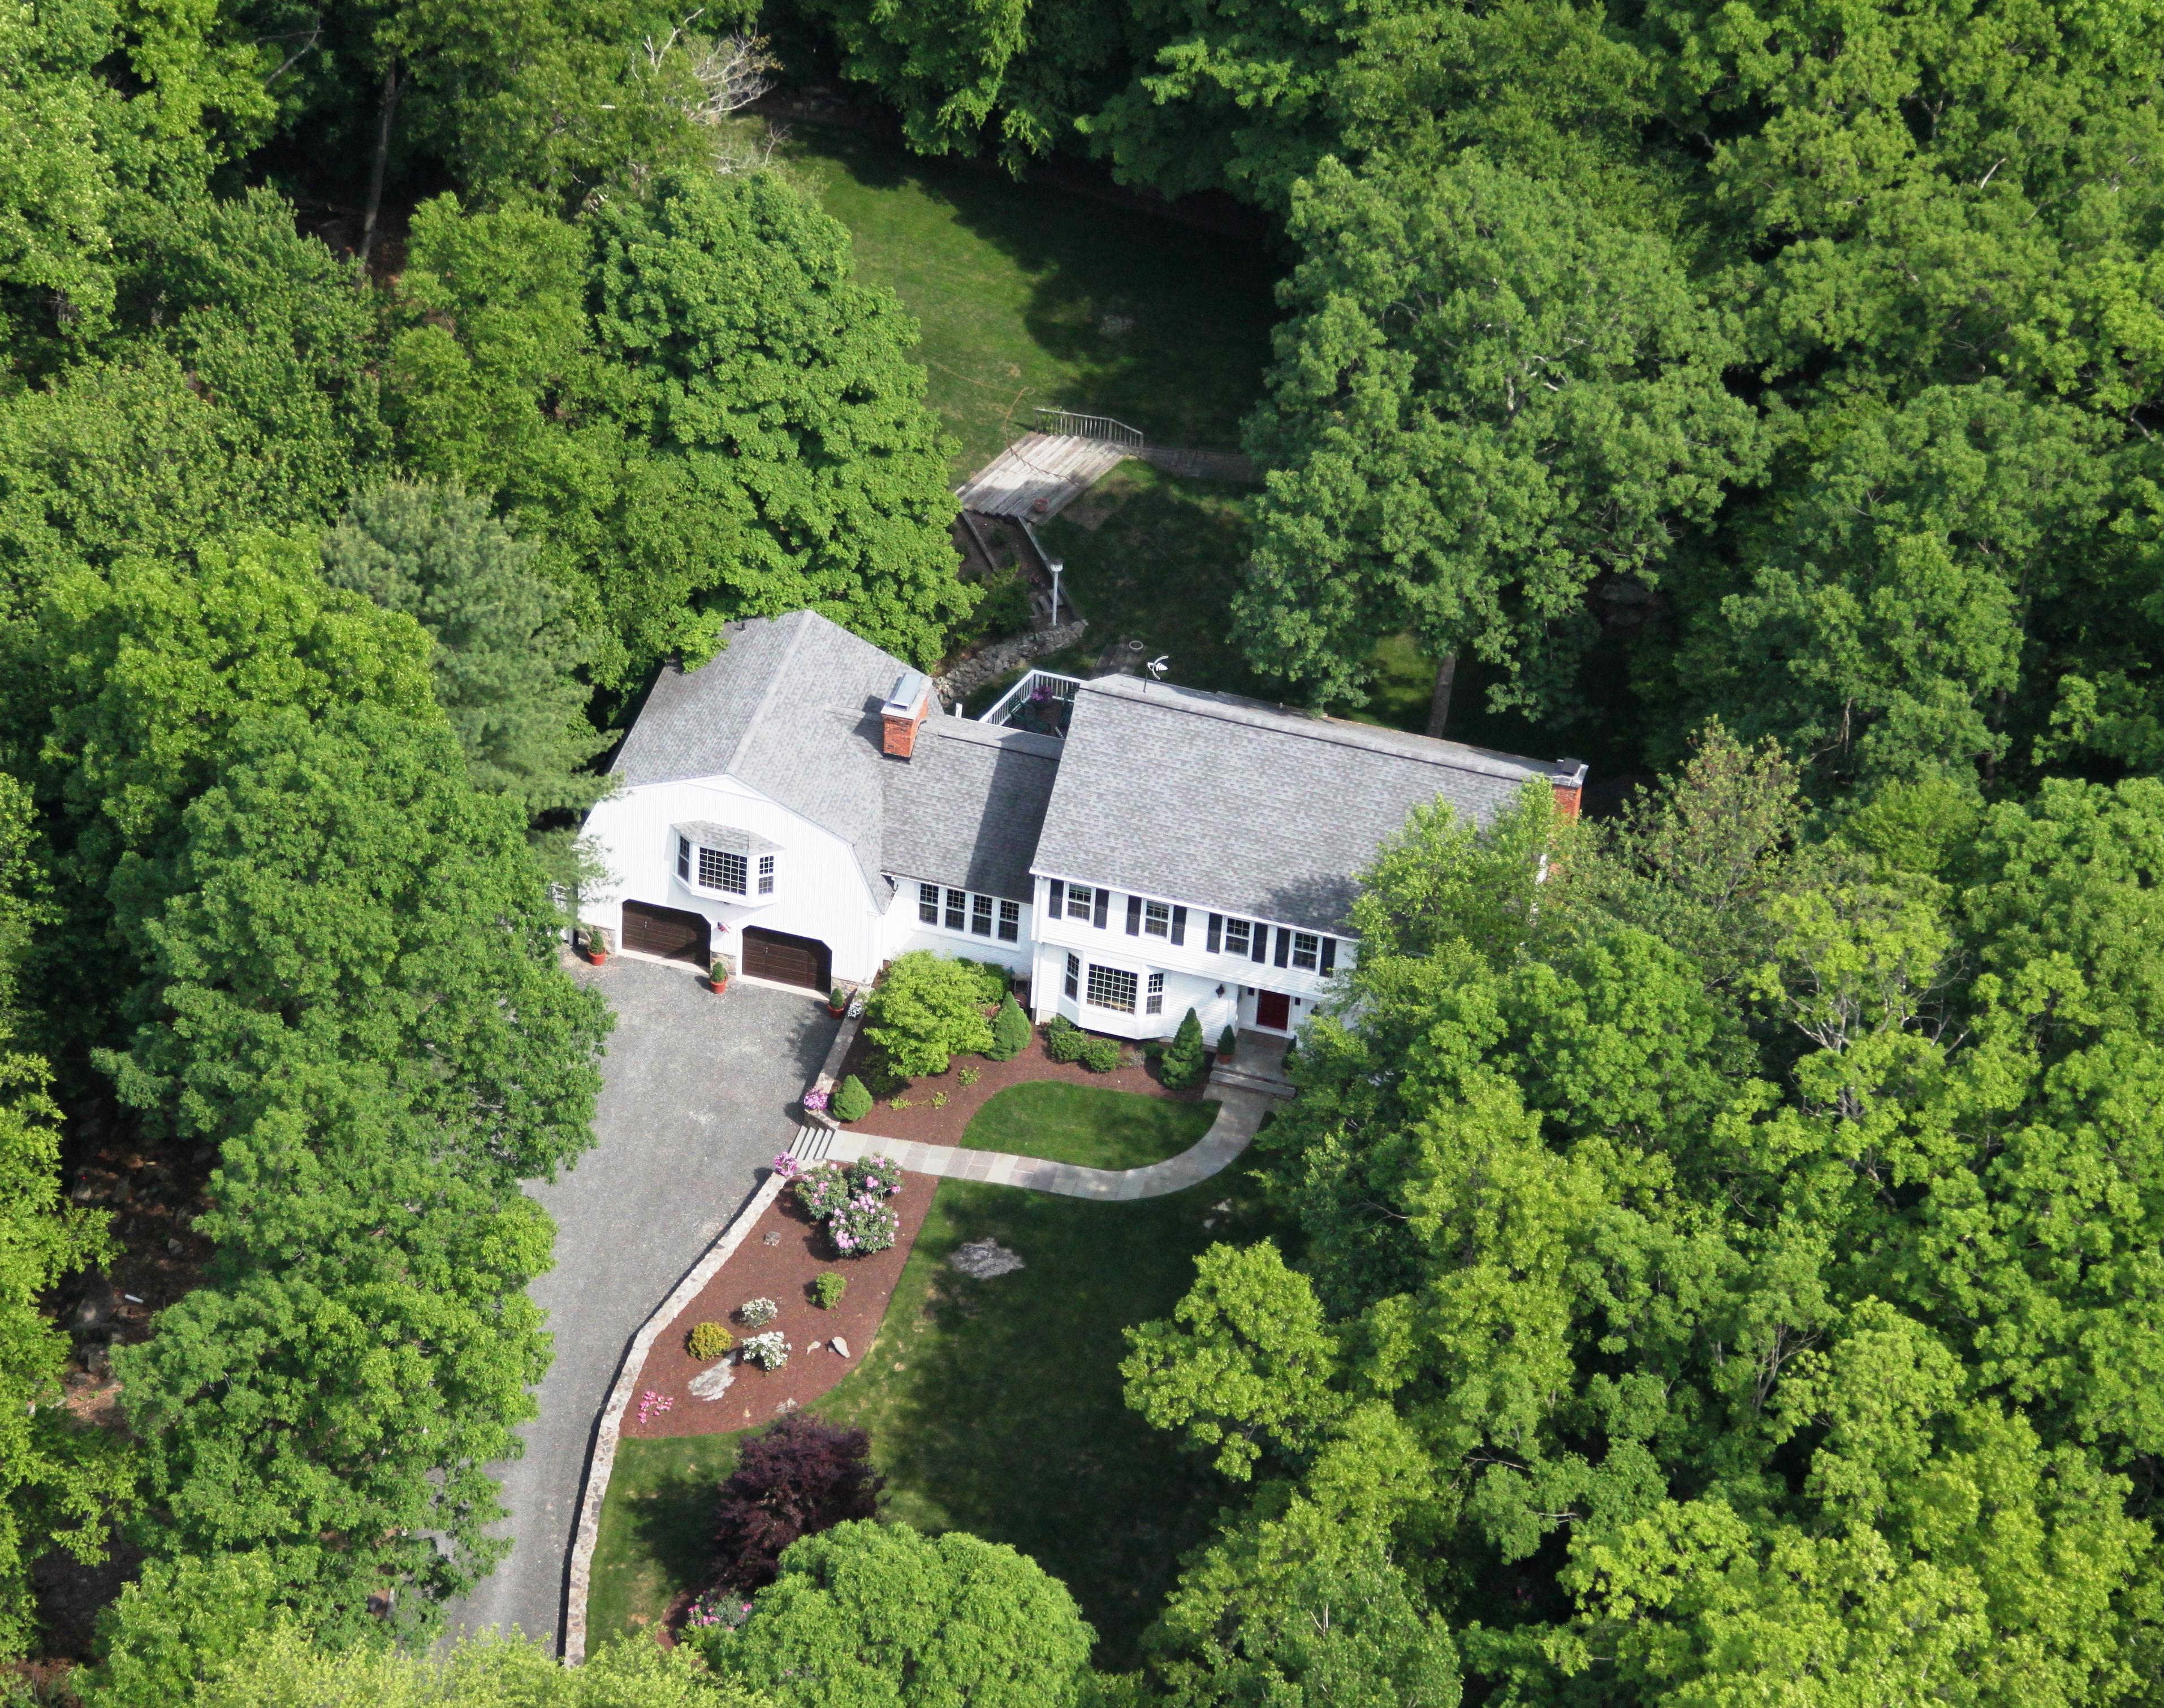 Частный односемейный дом для того Продажа на Builder's Own 69 Nod Road Ridgefield, Коннектикут 06877 Соединенные Штаты